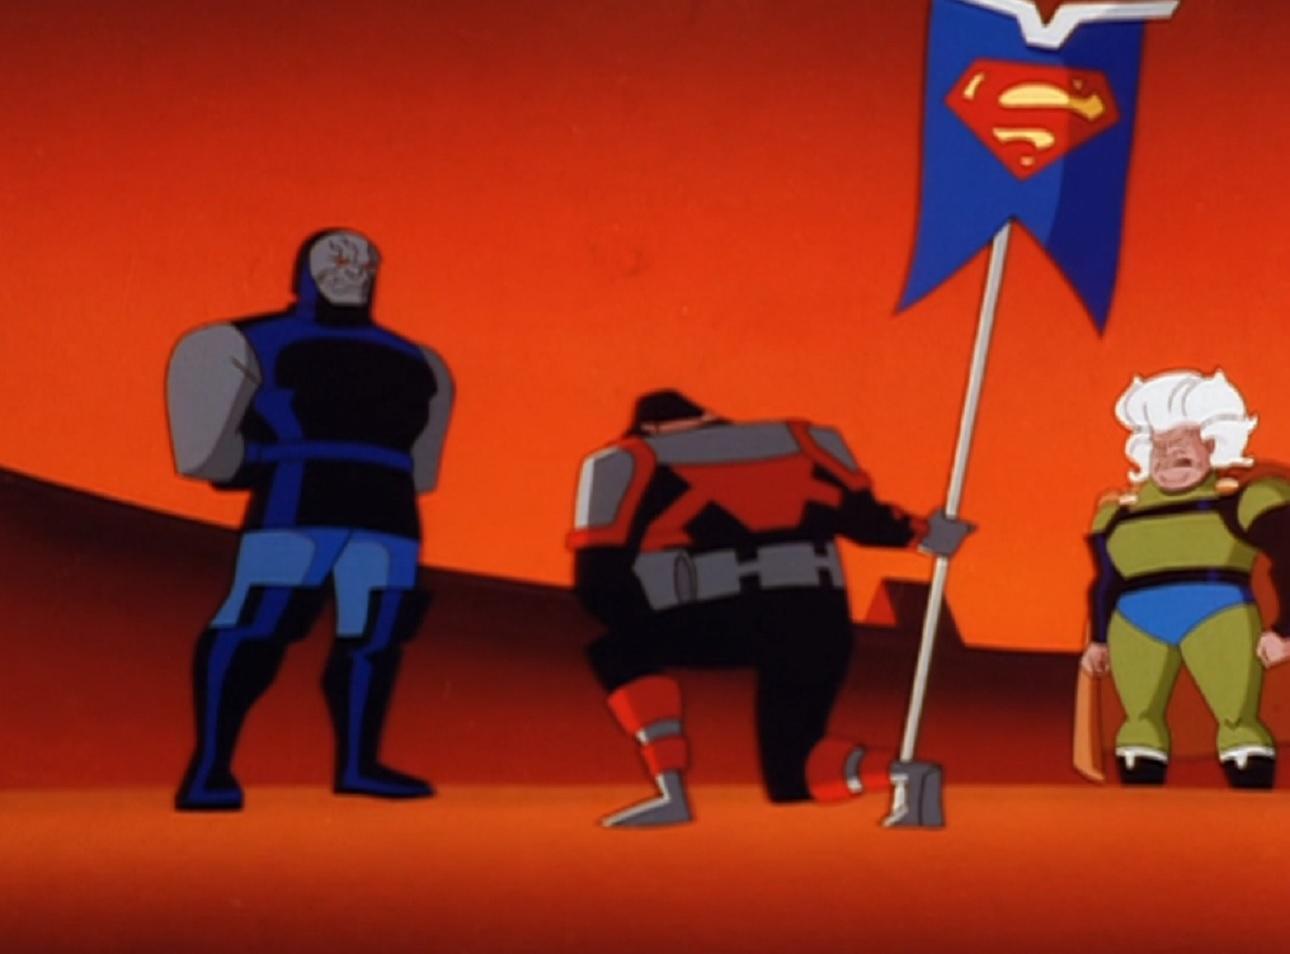 darkseid-superman-the-animated-series.jpg